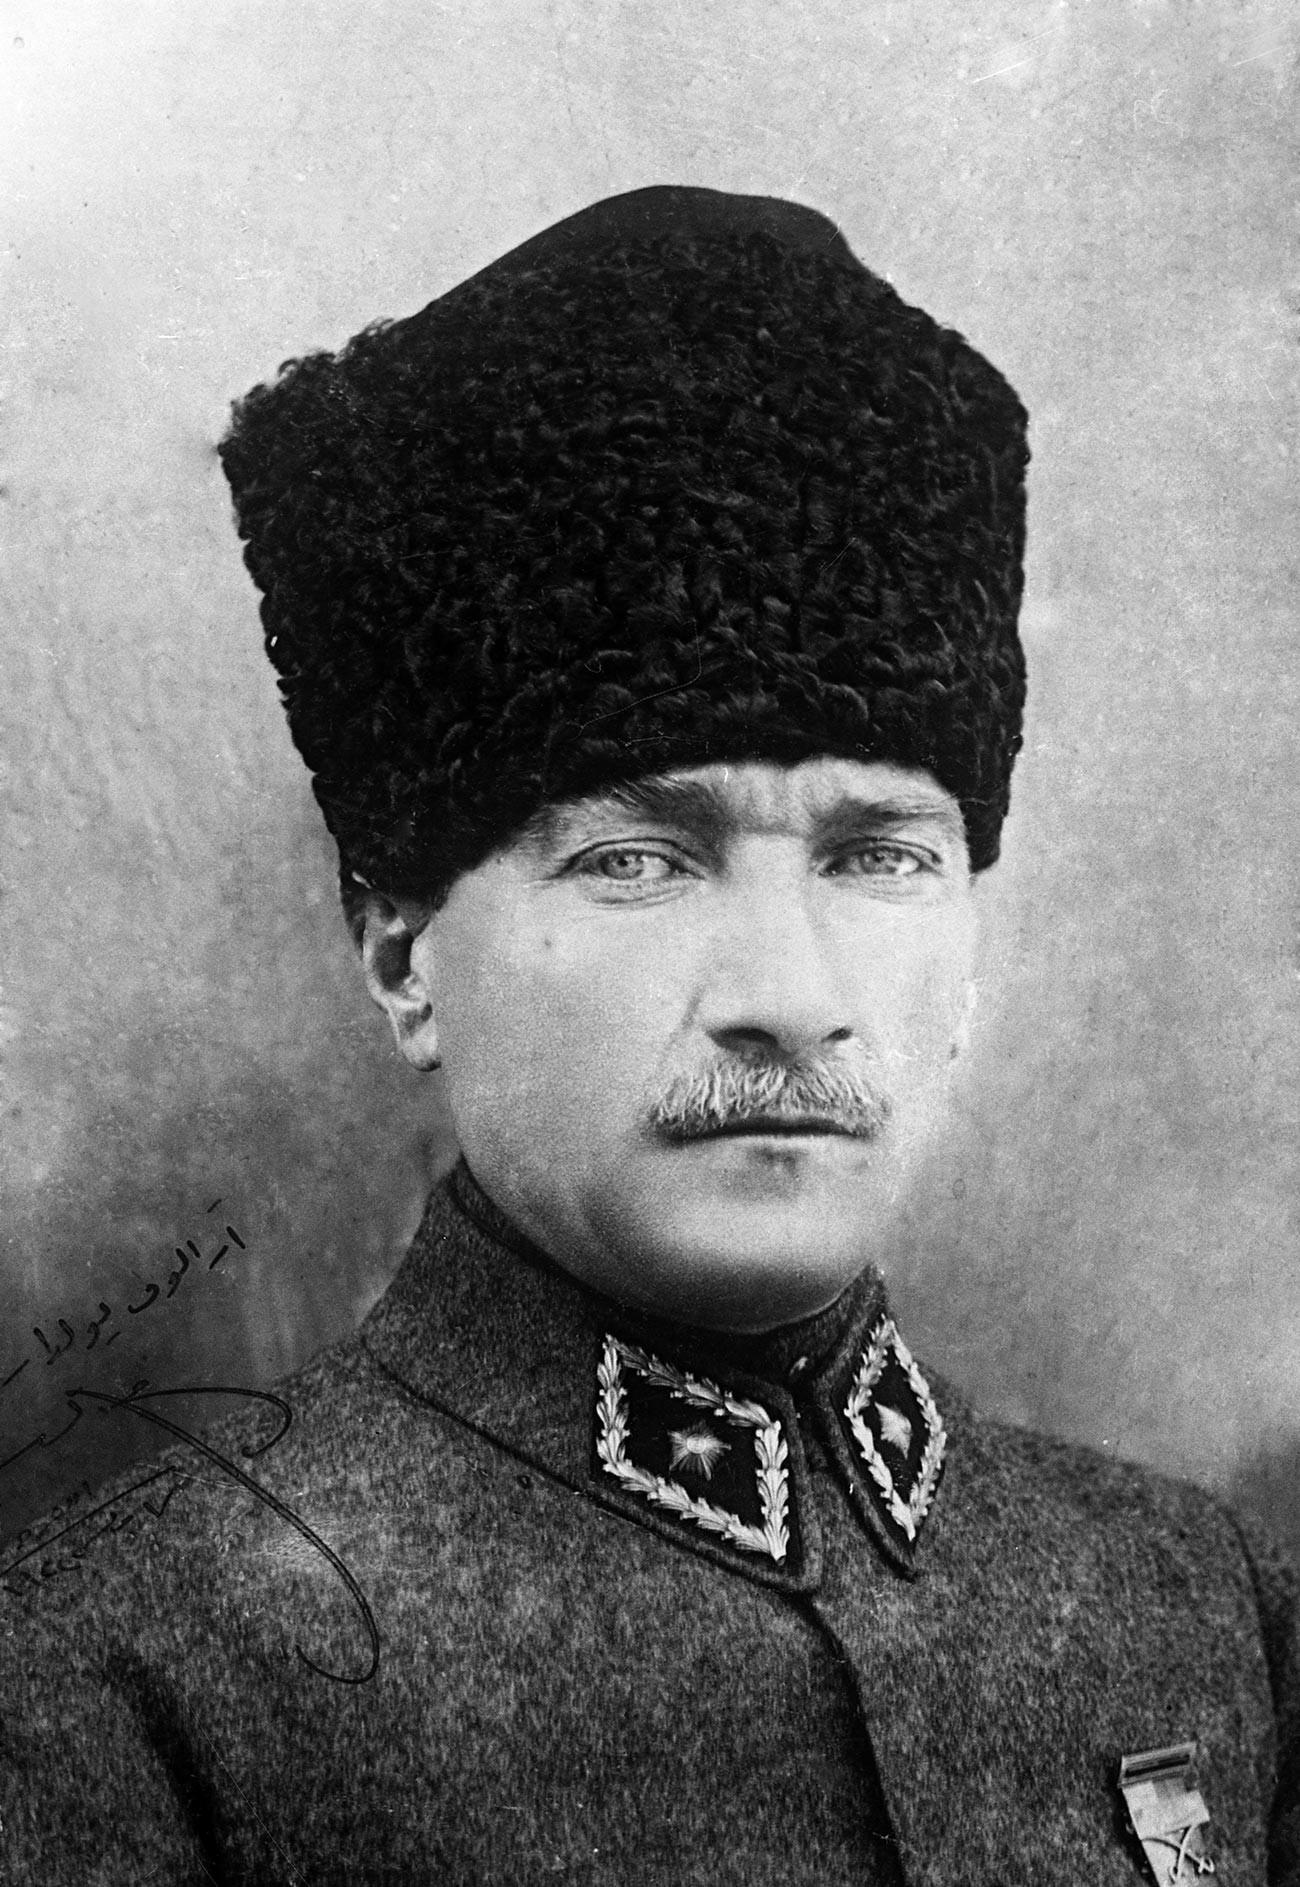 Портрет турецкого политика, первого президента Турецкой Республики Мустафы Кемаля Ататюрка с личной надписью «Товарищу Аралову».